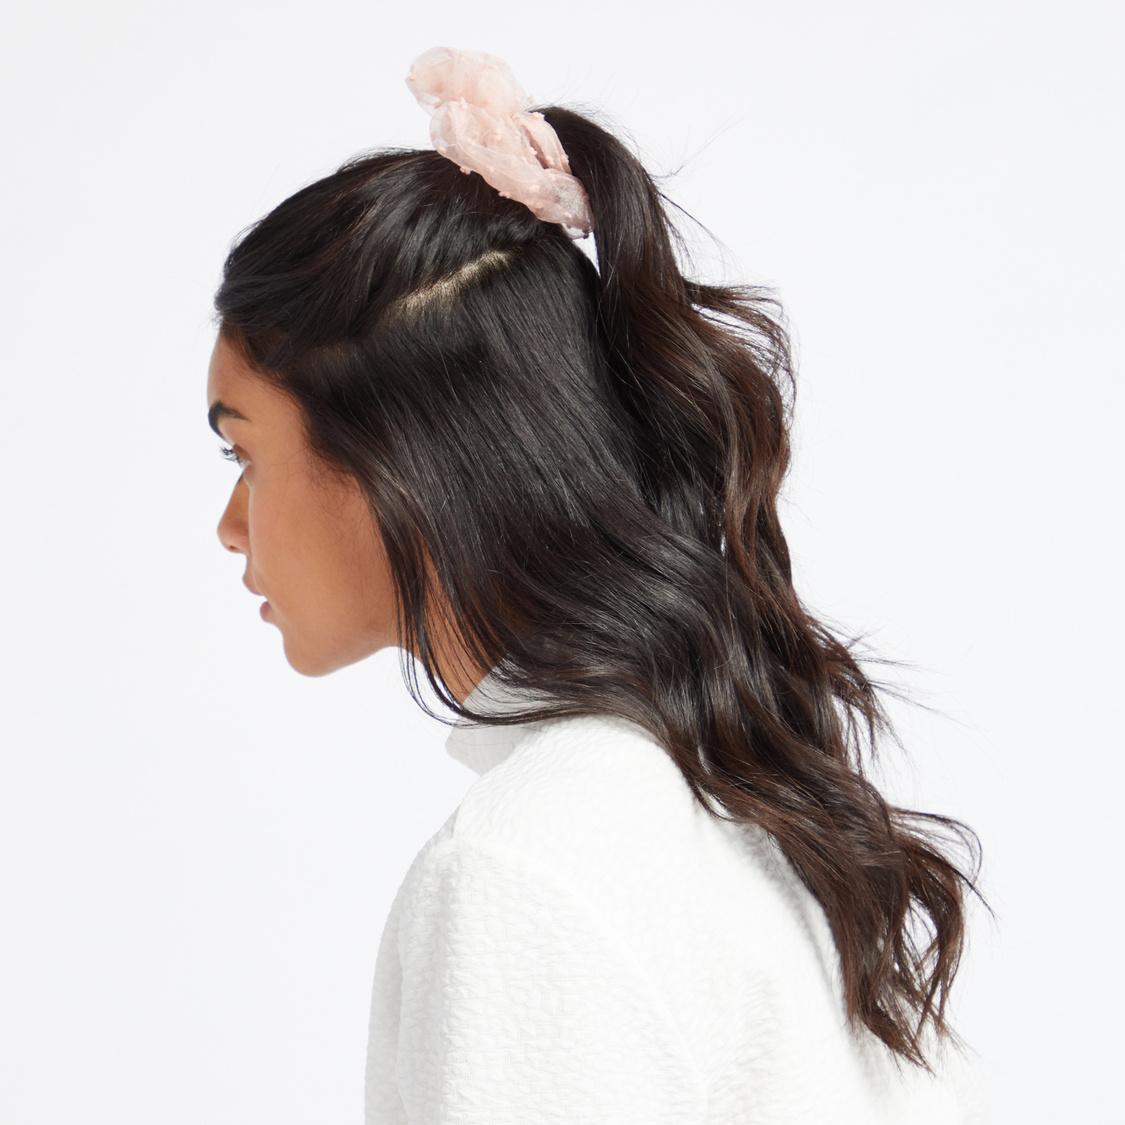 Set of 2 - Textured Hair Ties